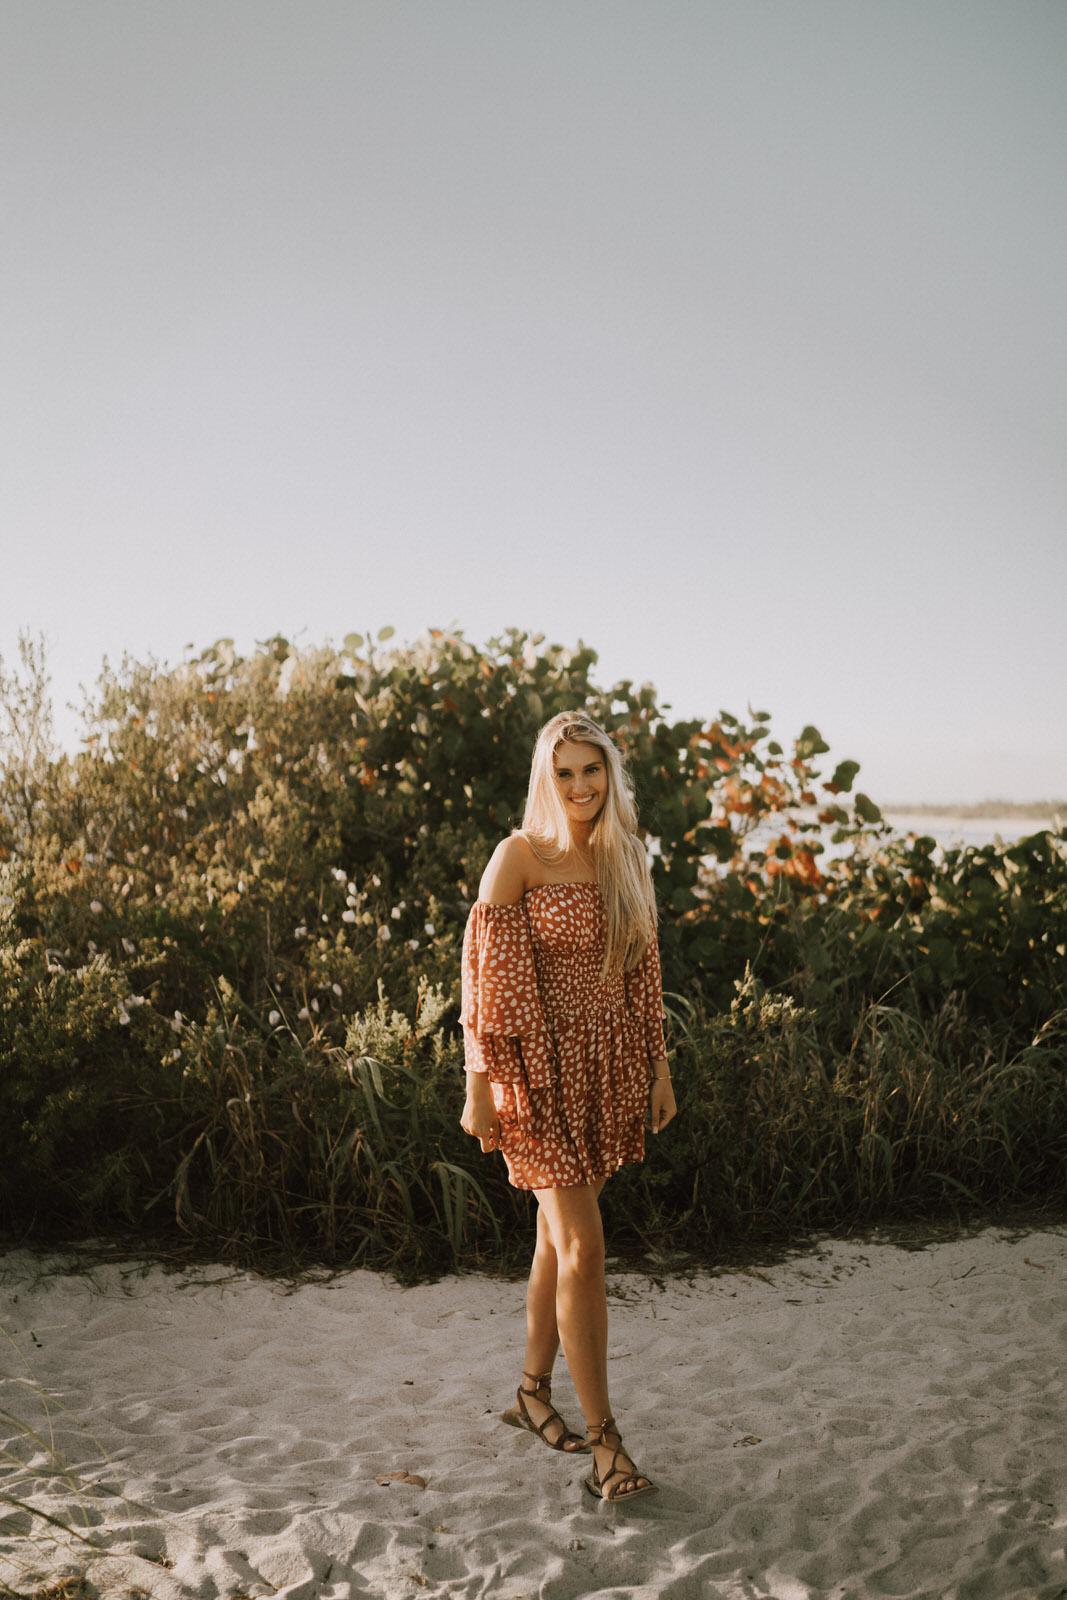 Fort Myers Senior Photos on Bonita Beach - Michelle Gonzalez Photography - Skyler Hart-31.JPG